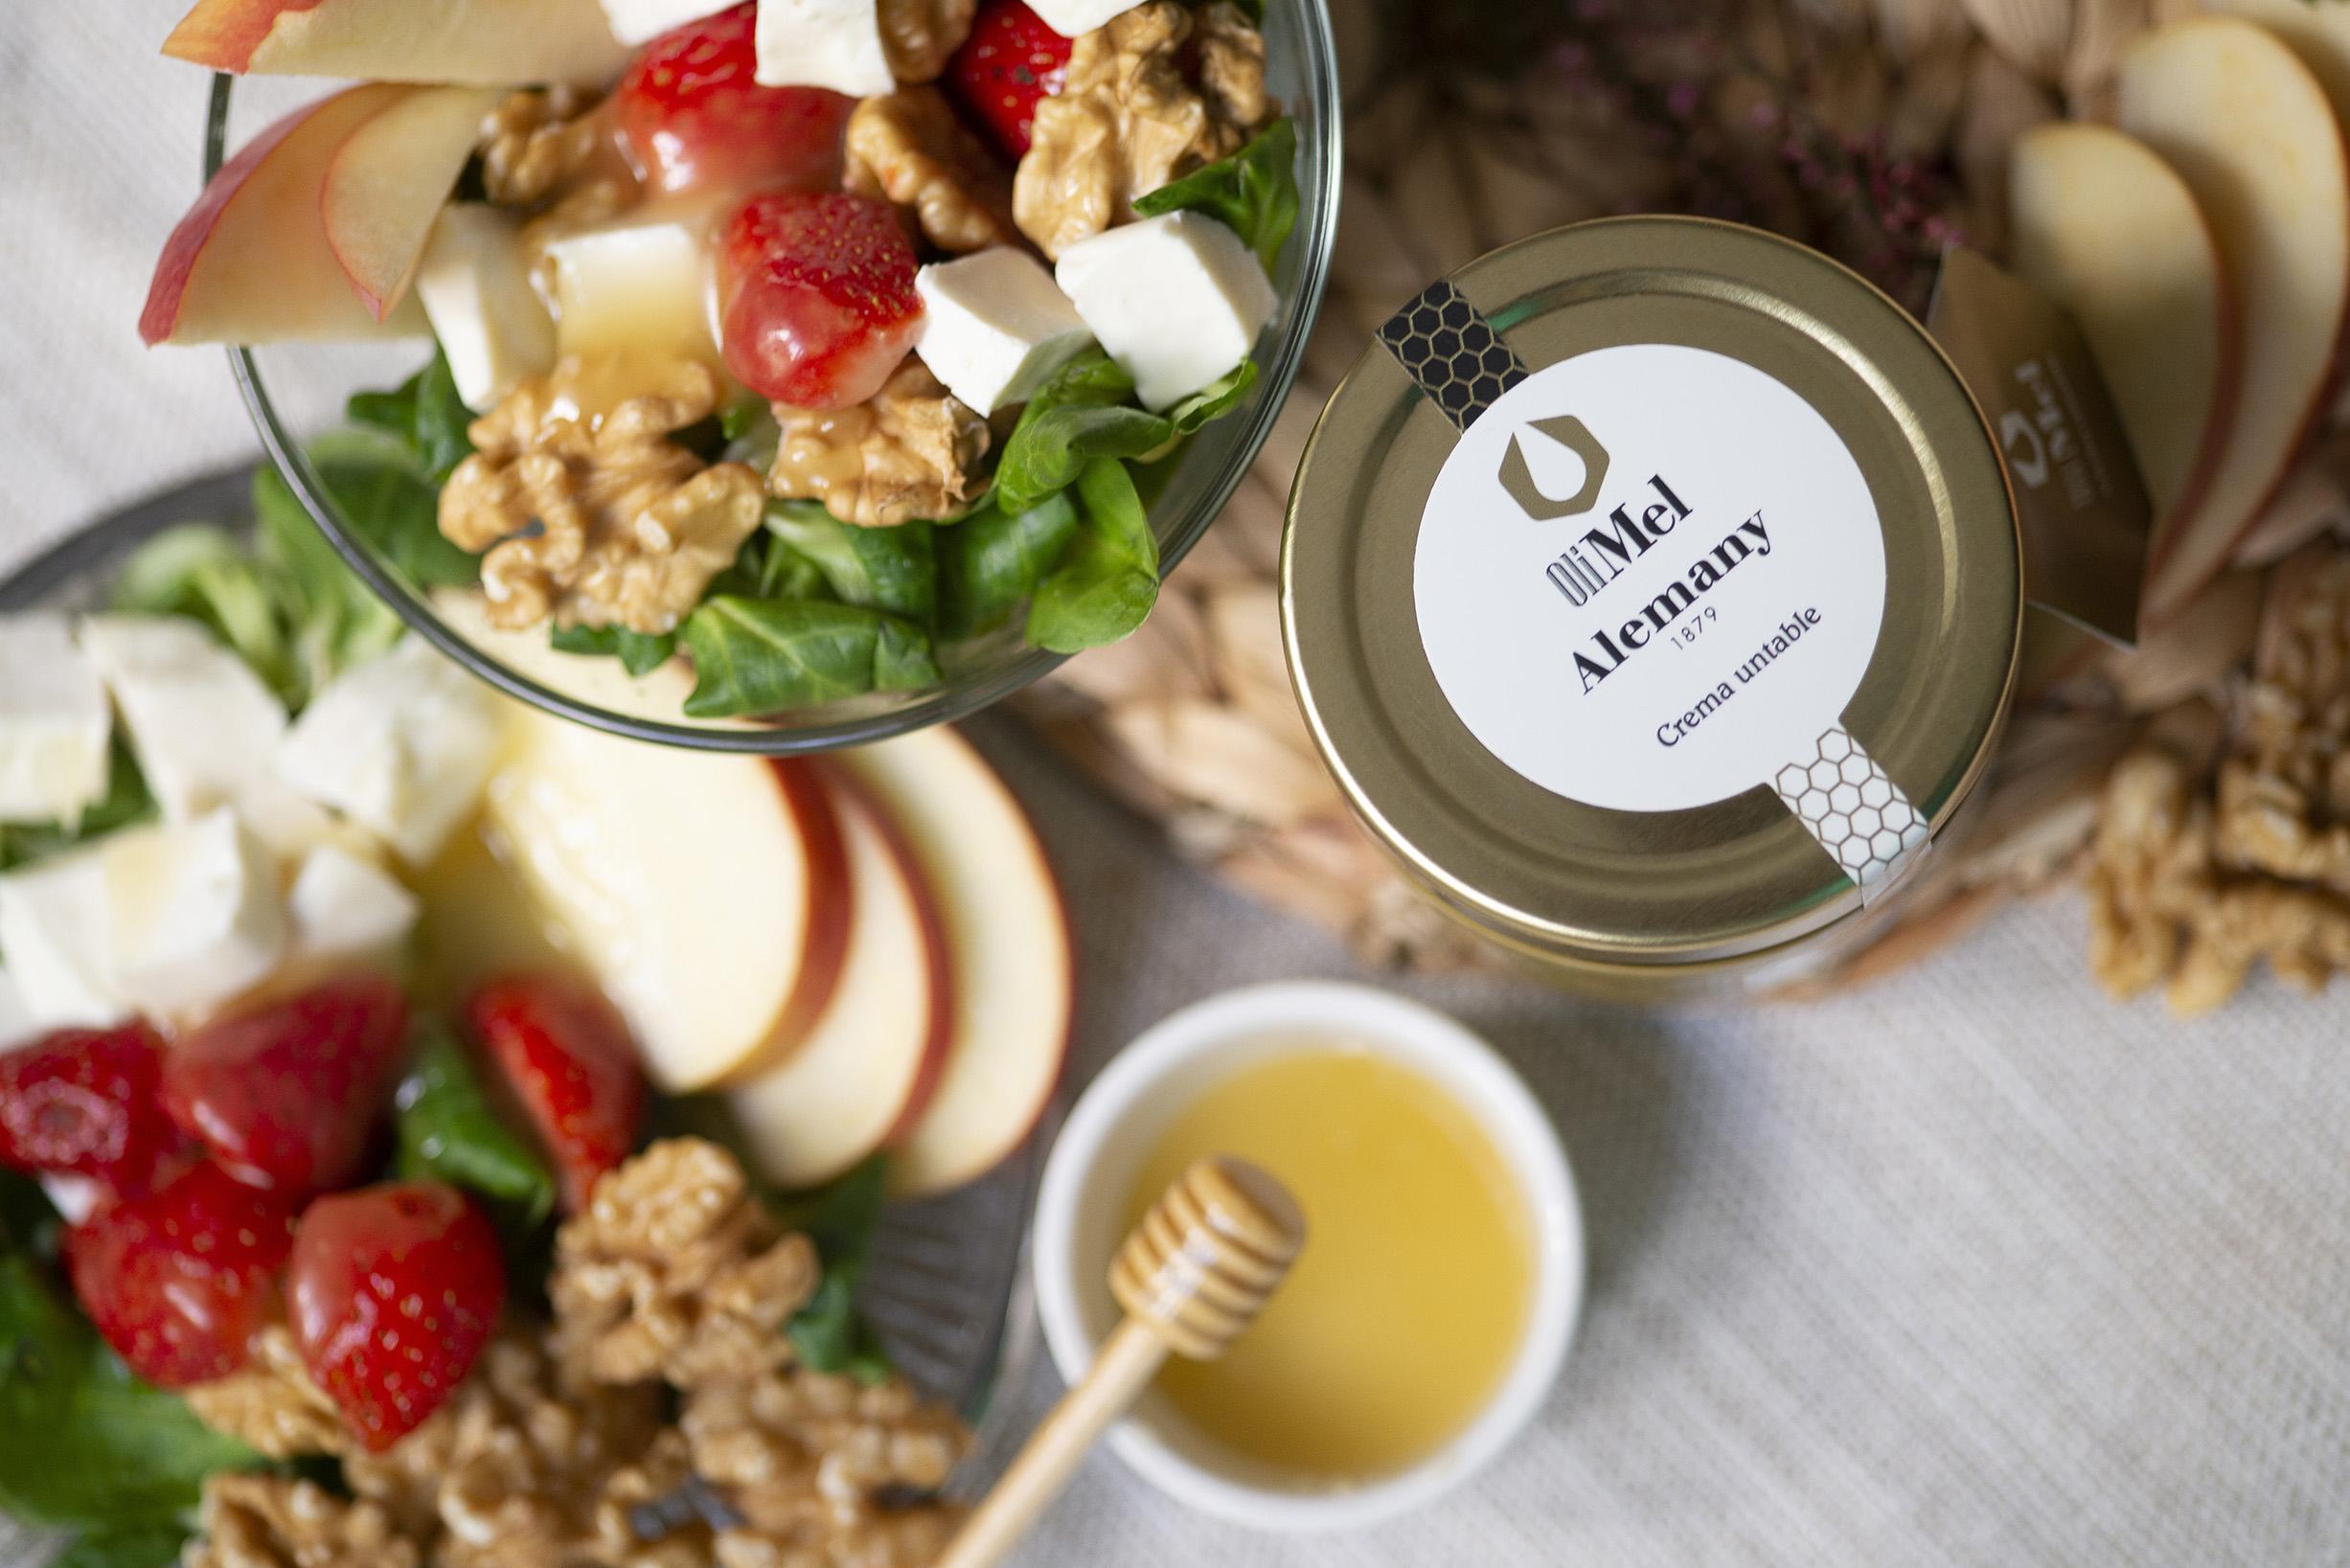 Ensalada con queso de cabra, fruta y OleoMel